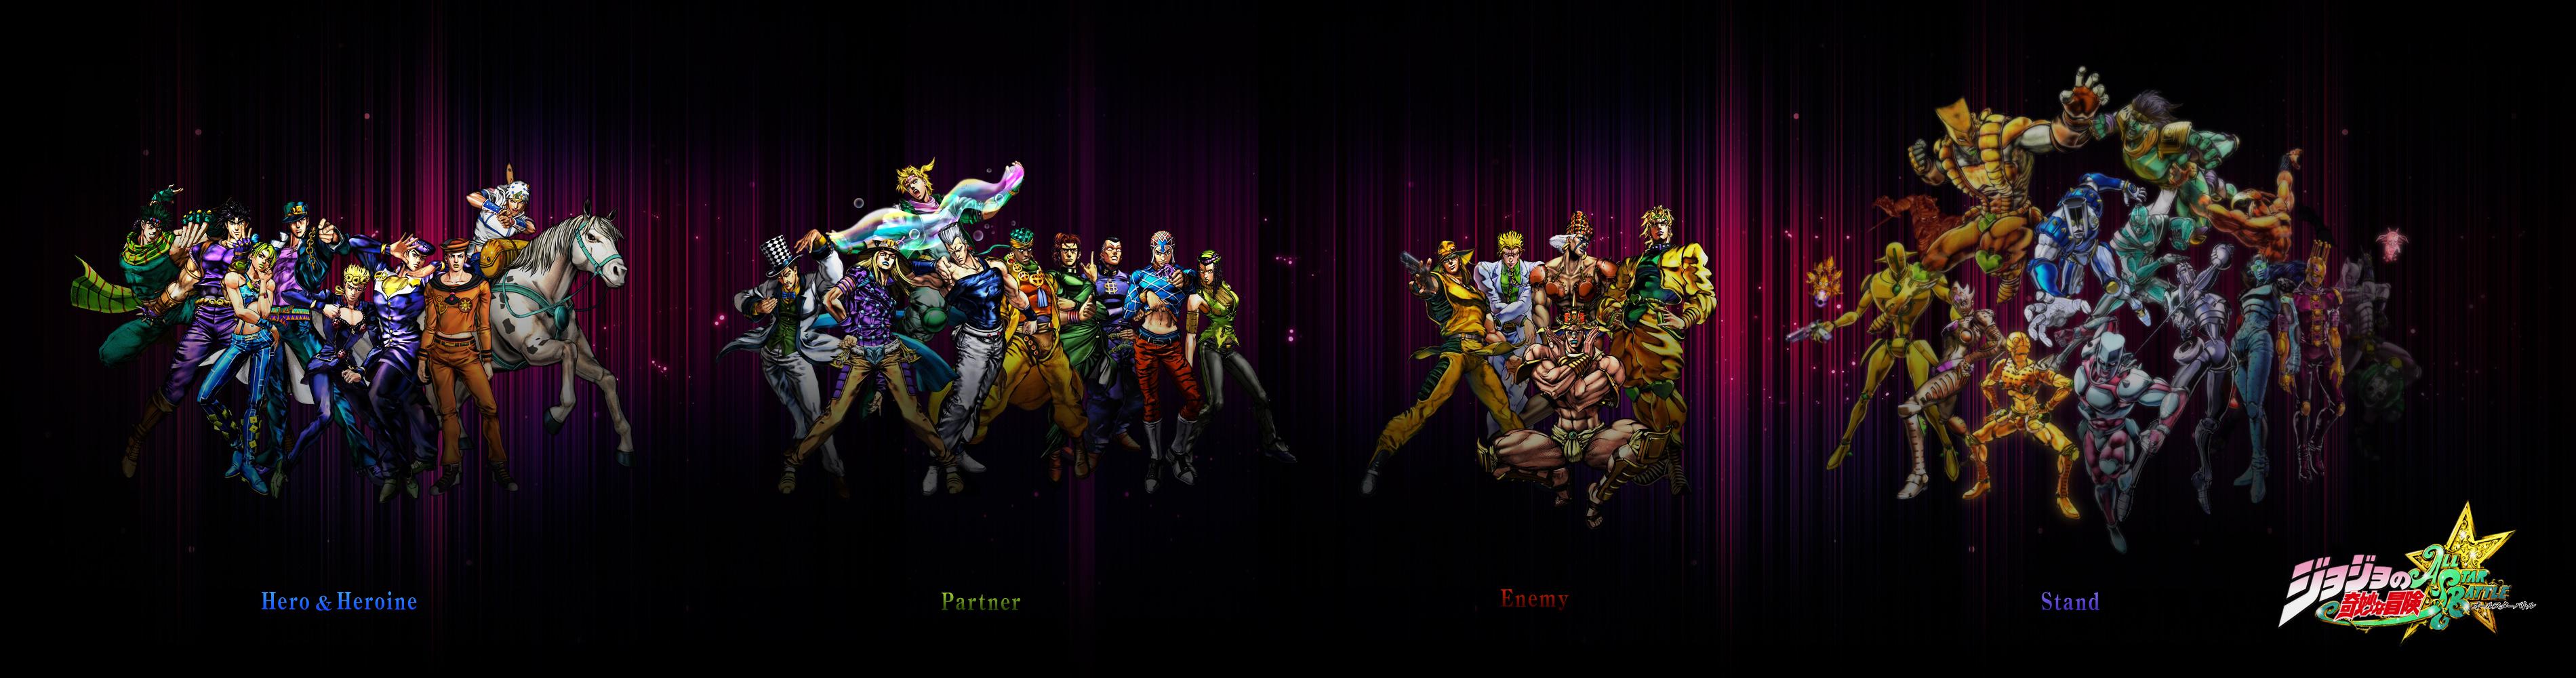 Jojos Bizarre Adventure Computer Wallpapers Desktop Backgrounds 3800x1000